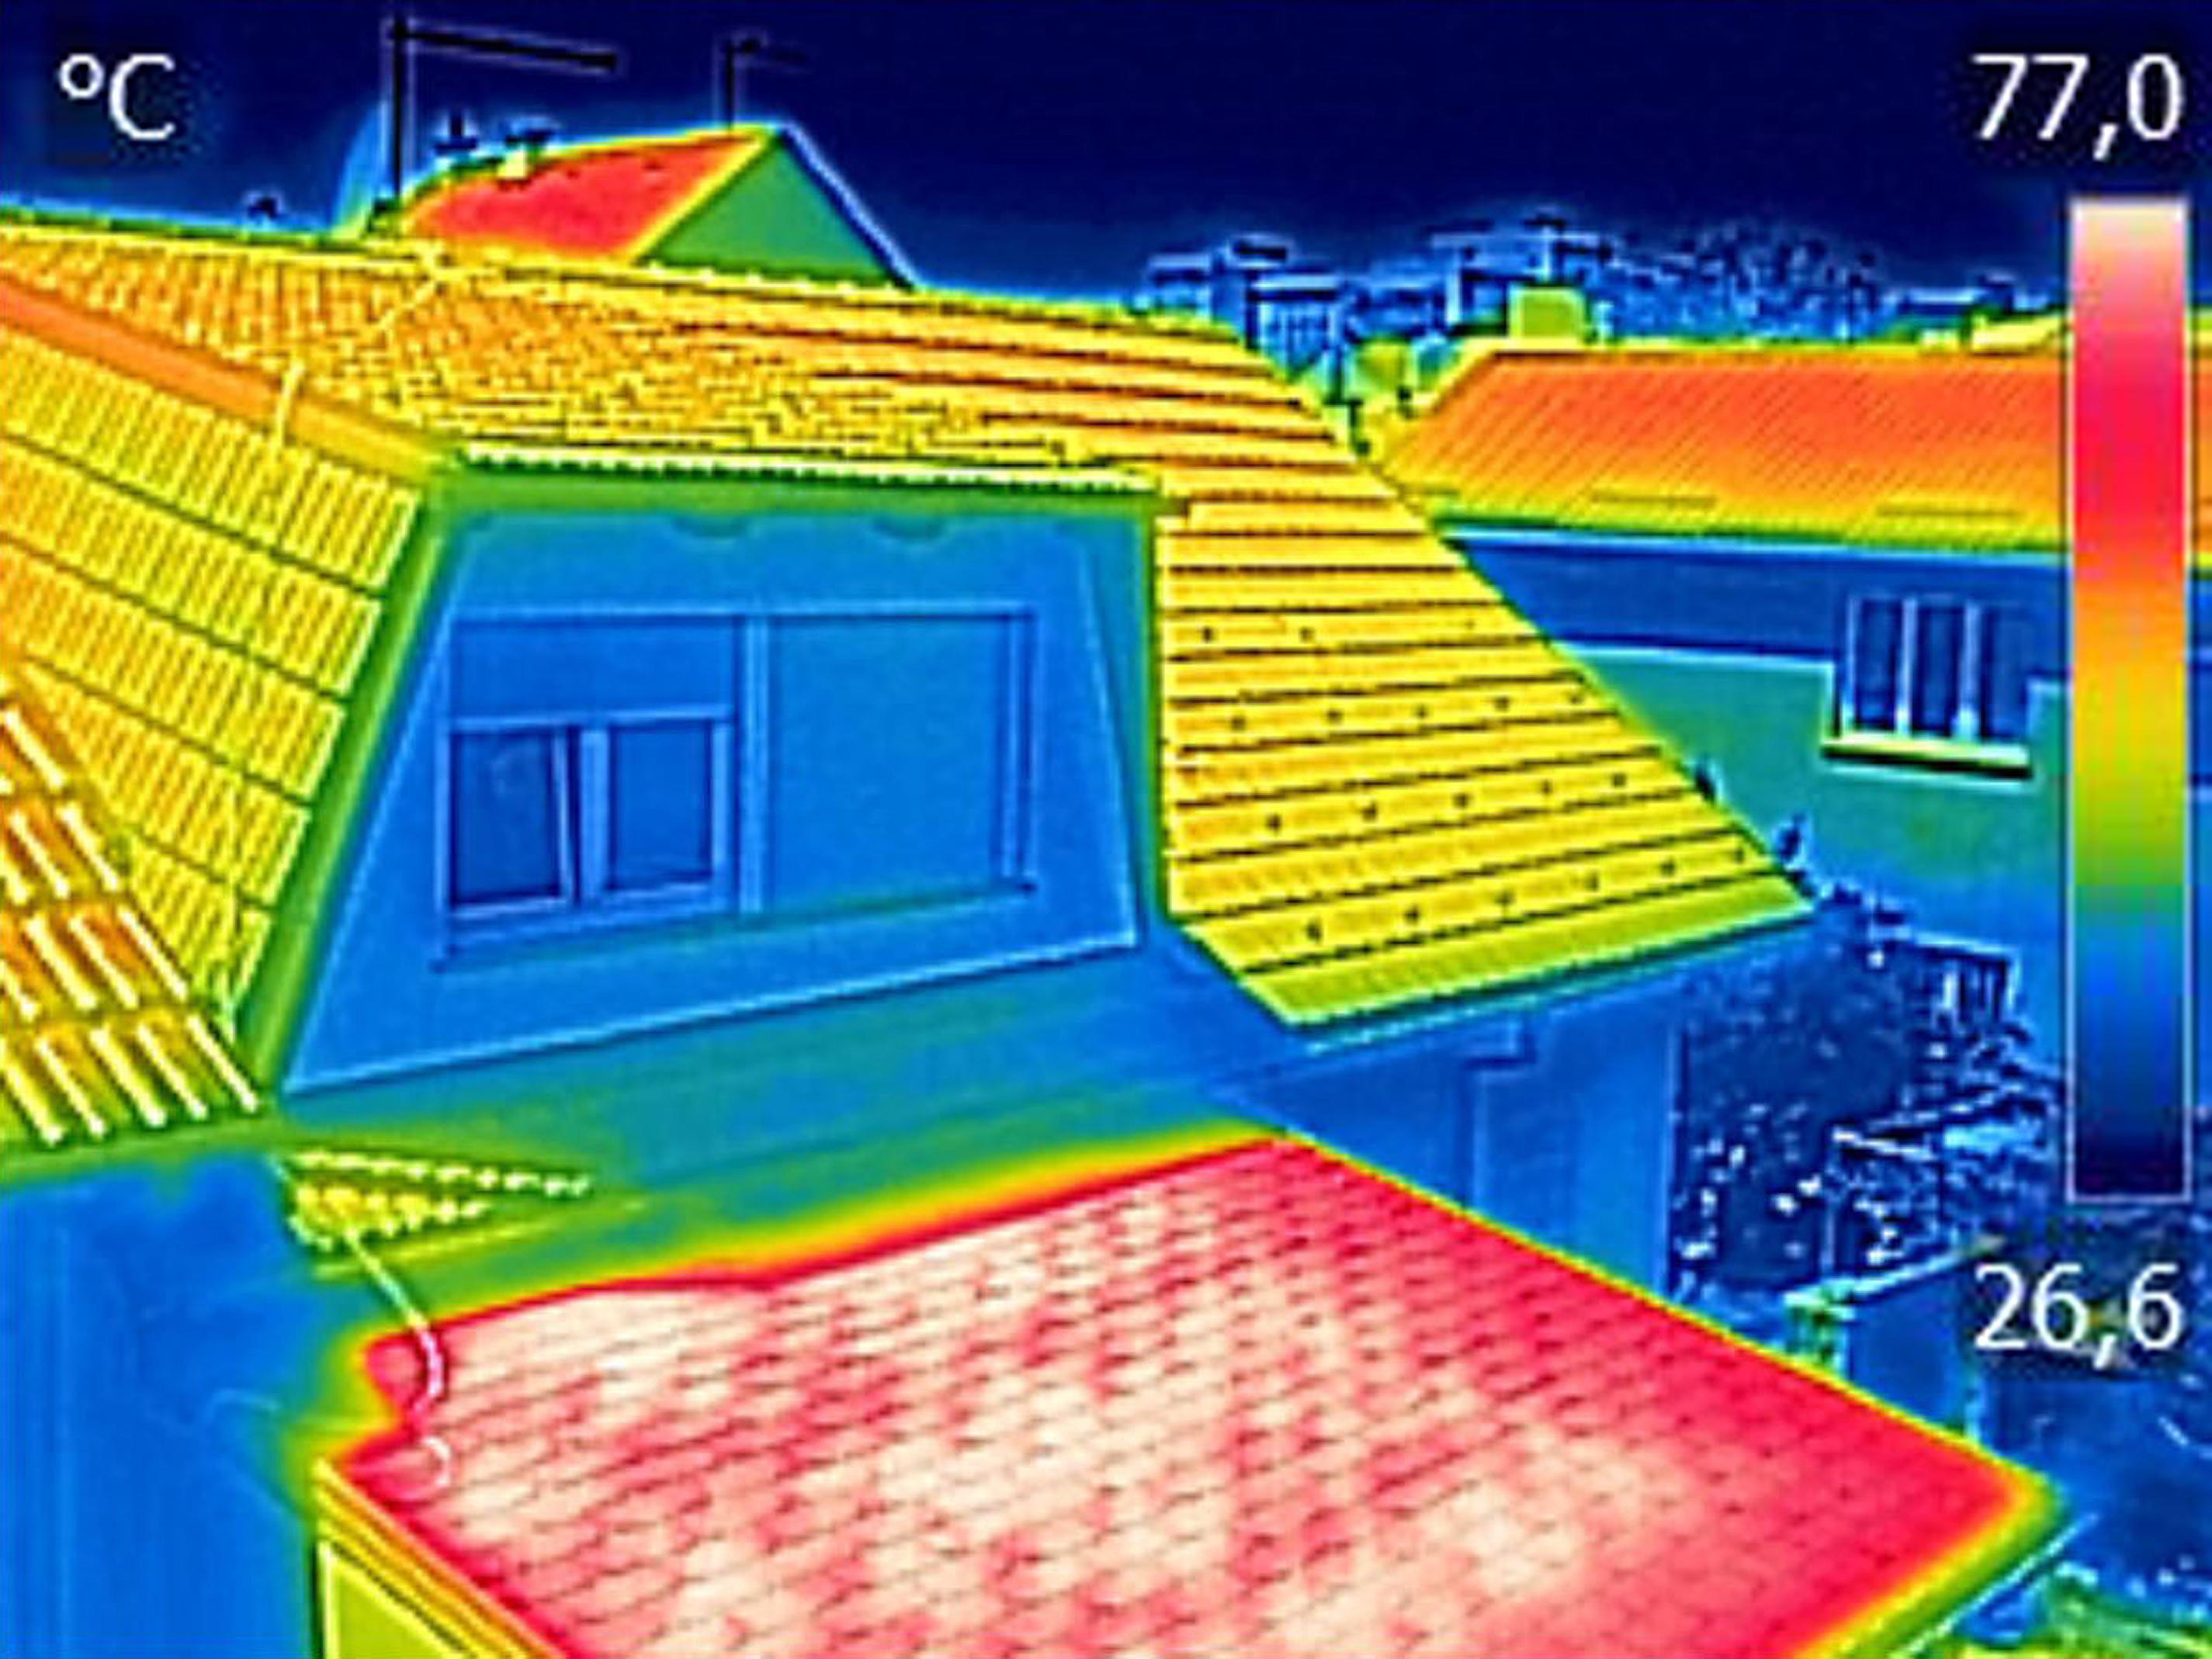 We gebruiken een warmtebeeldcamera om dak en gevel te analyseren | Durieux dak- en gevelwerken